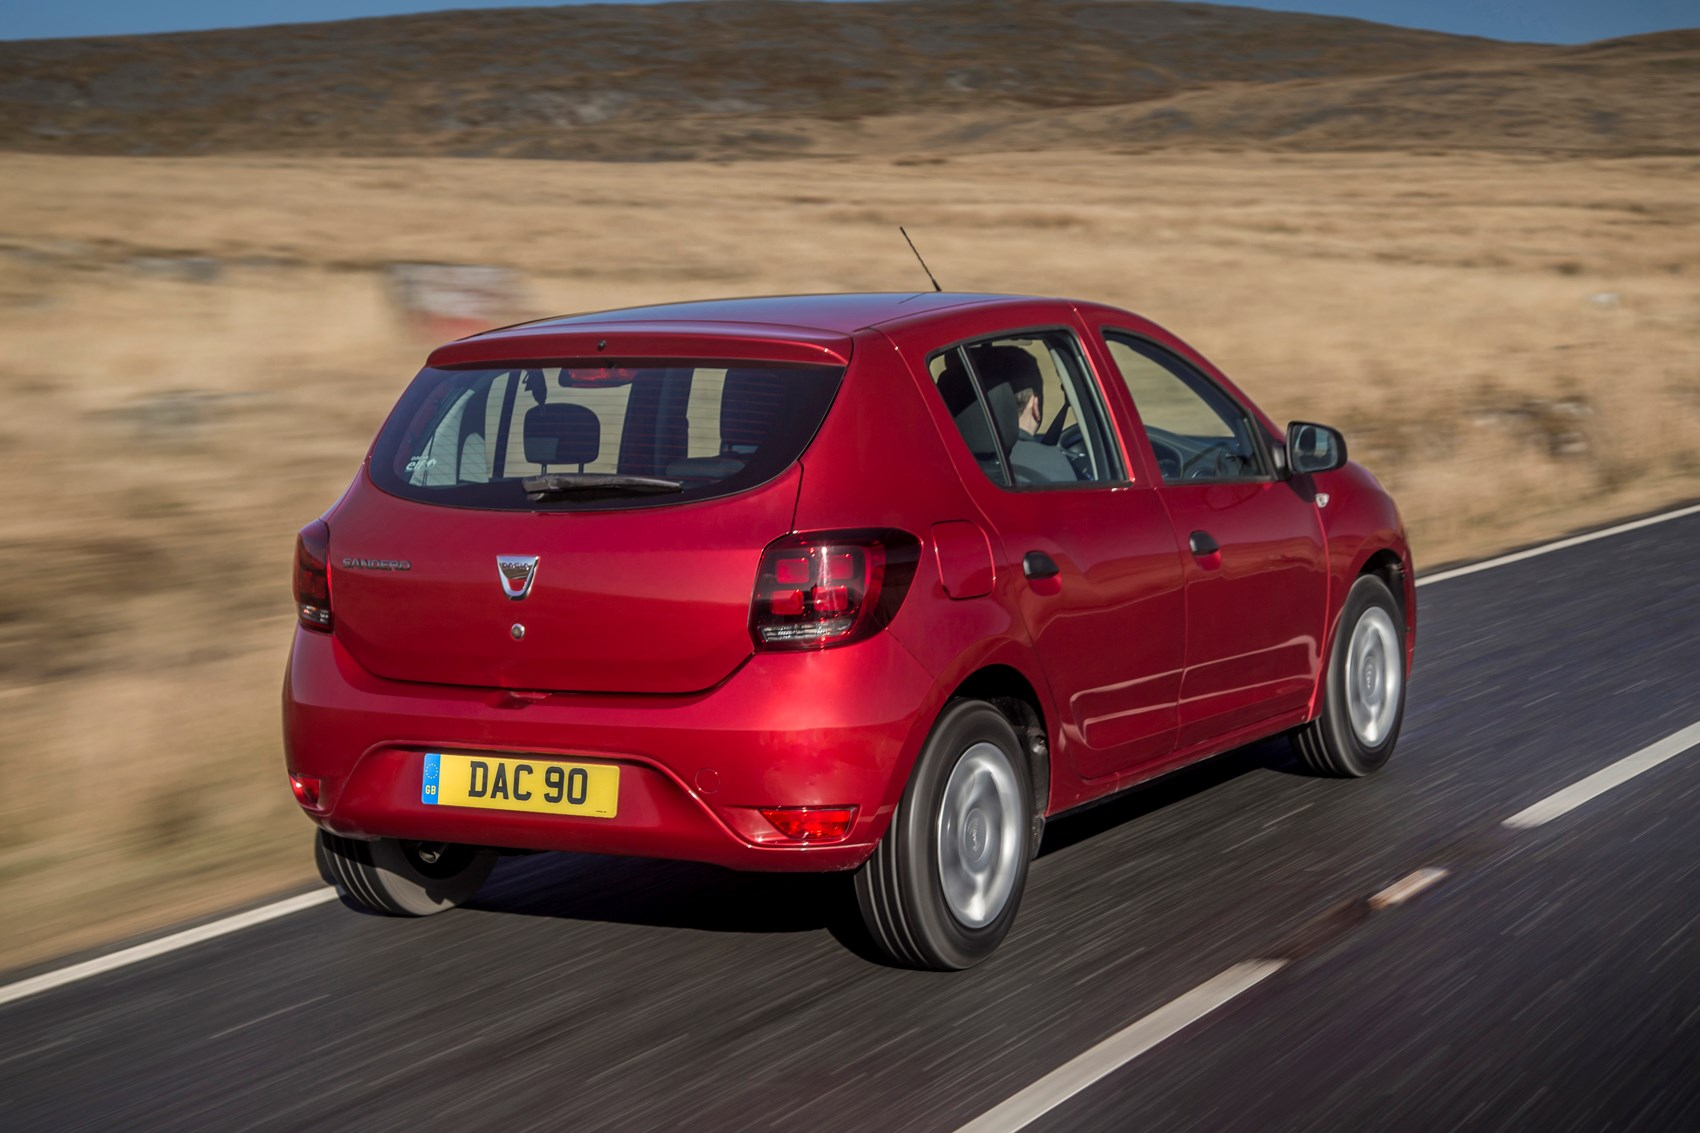 Dacia Sandero finance